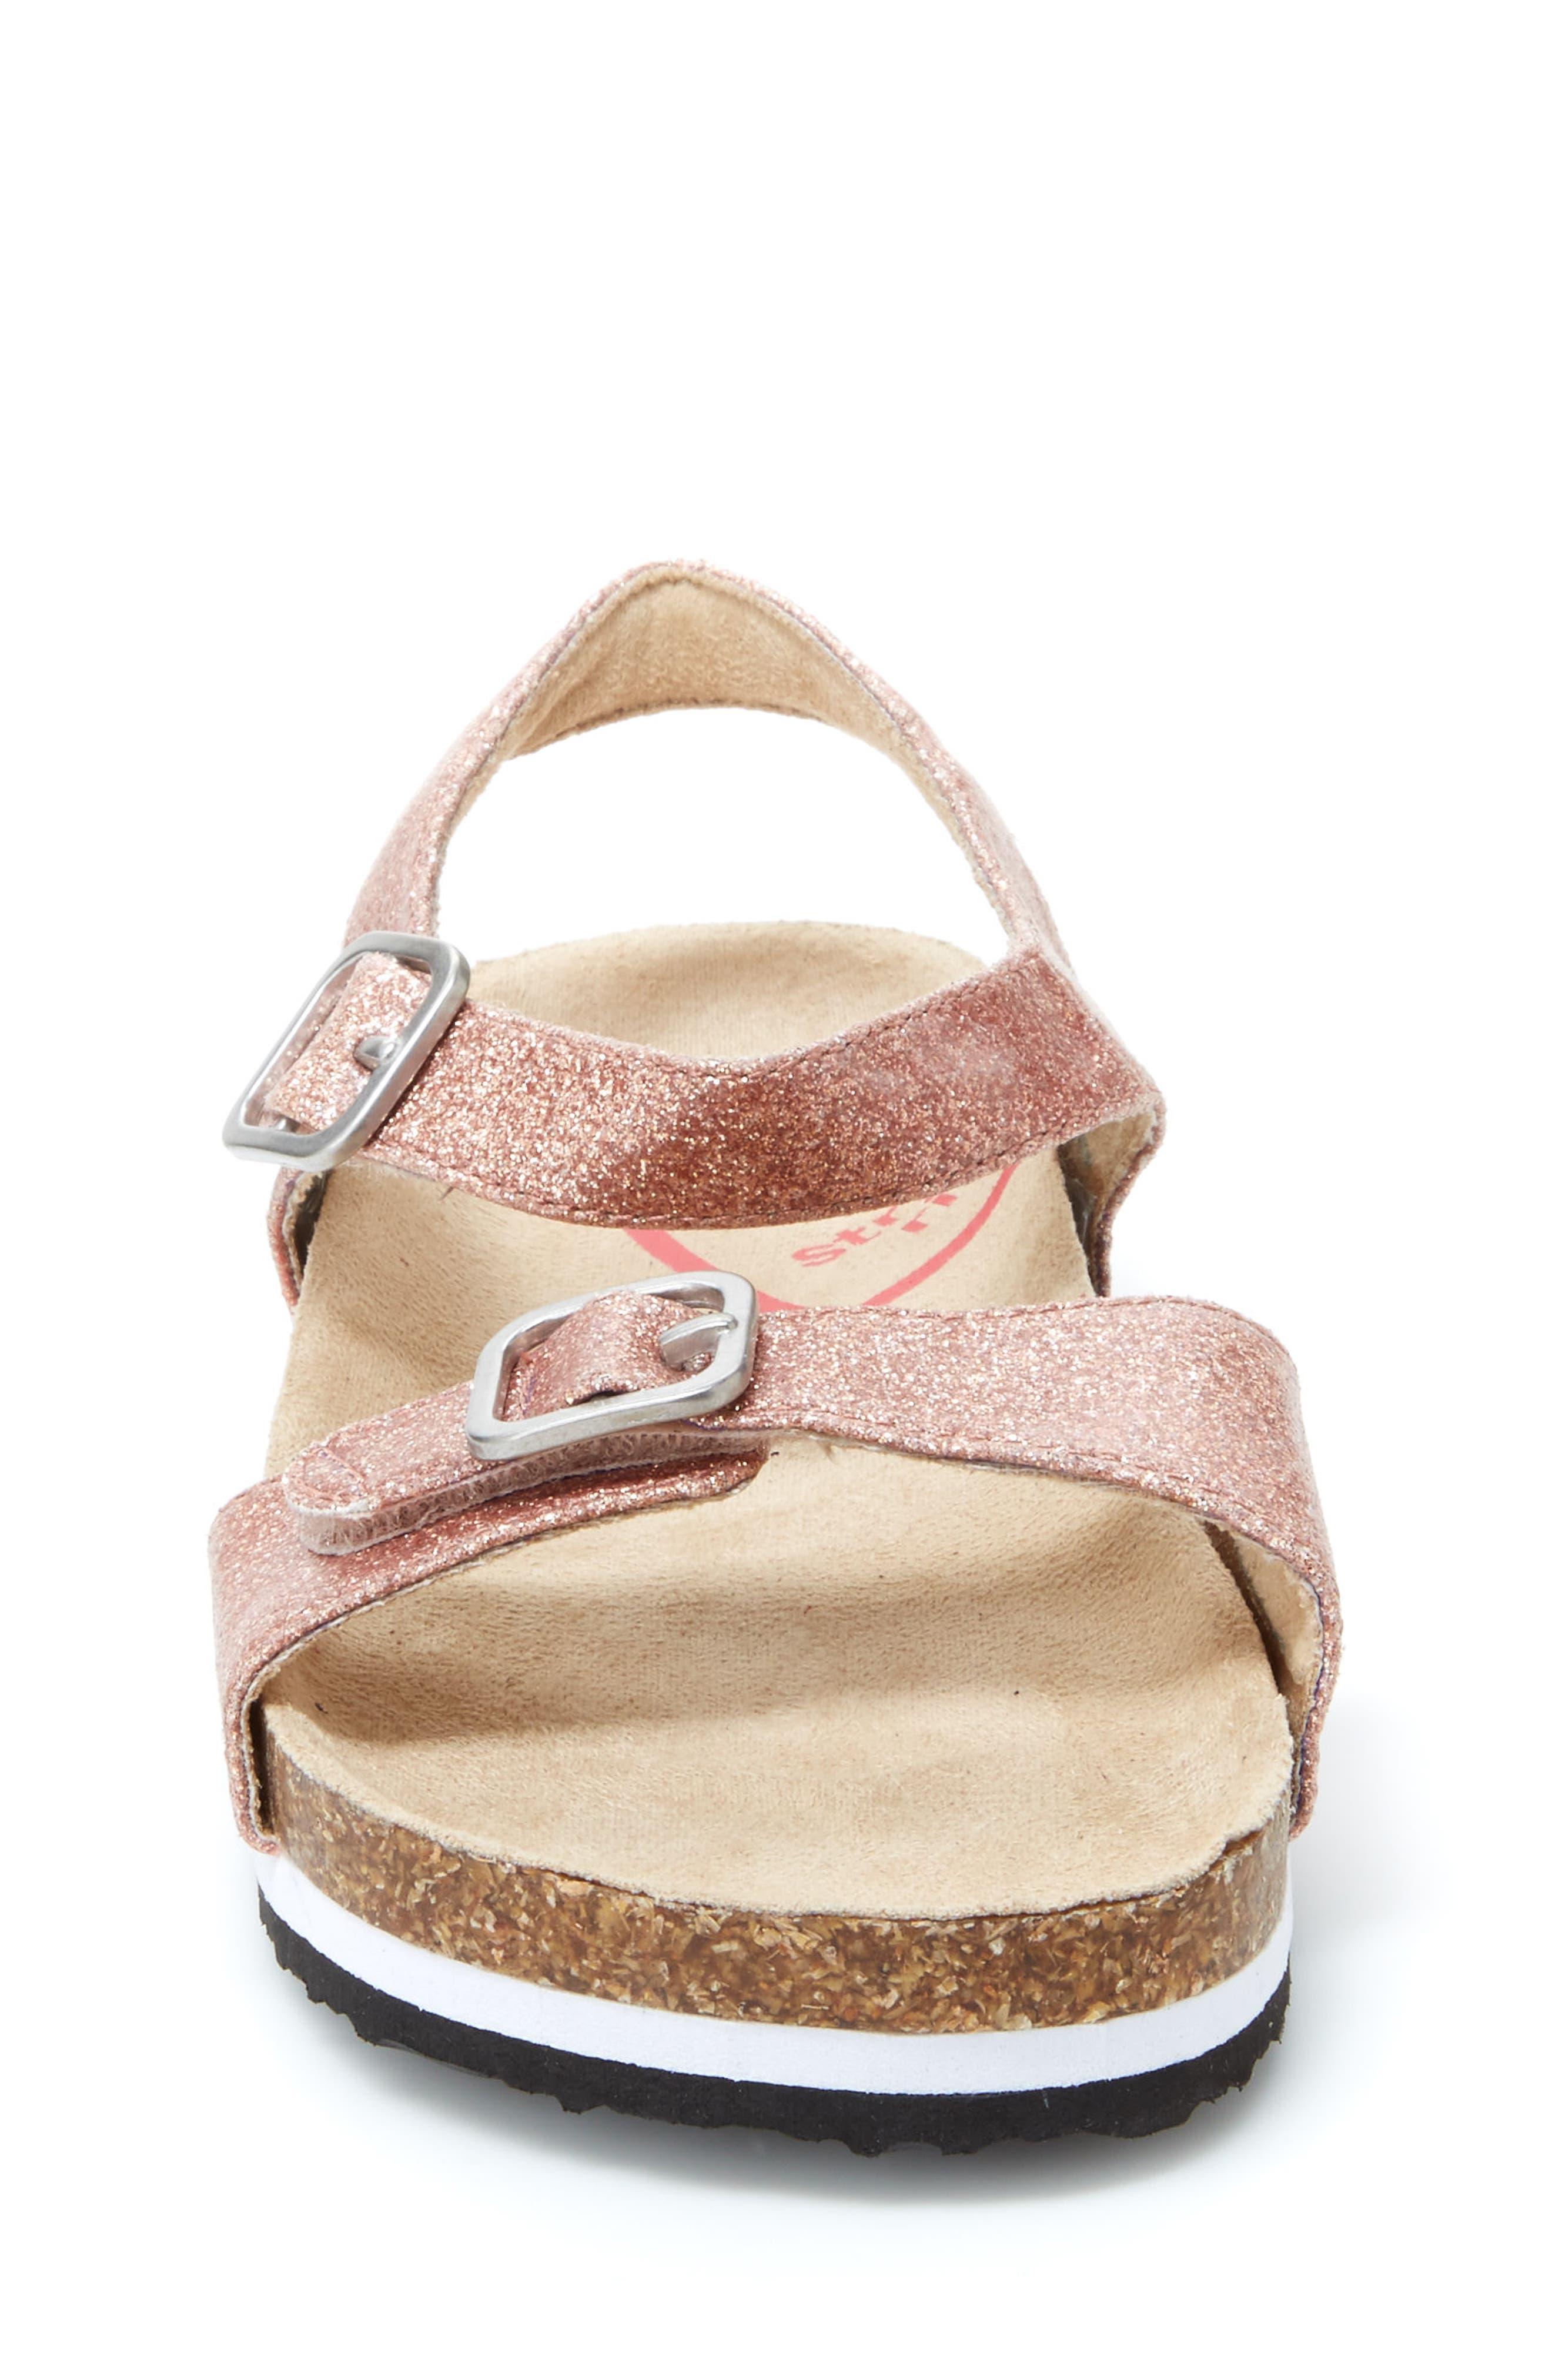 STRIDE RITE, Zuly Glitter Sandal, Alternate thumbnail 3, color, ROSE GOLD